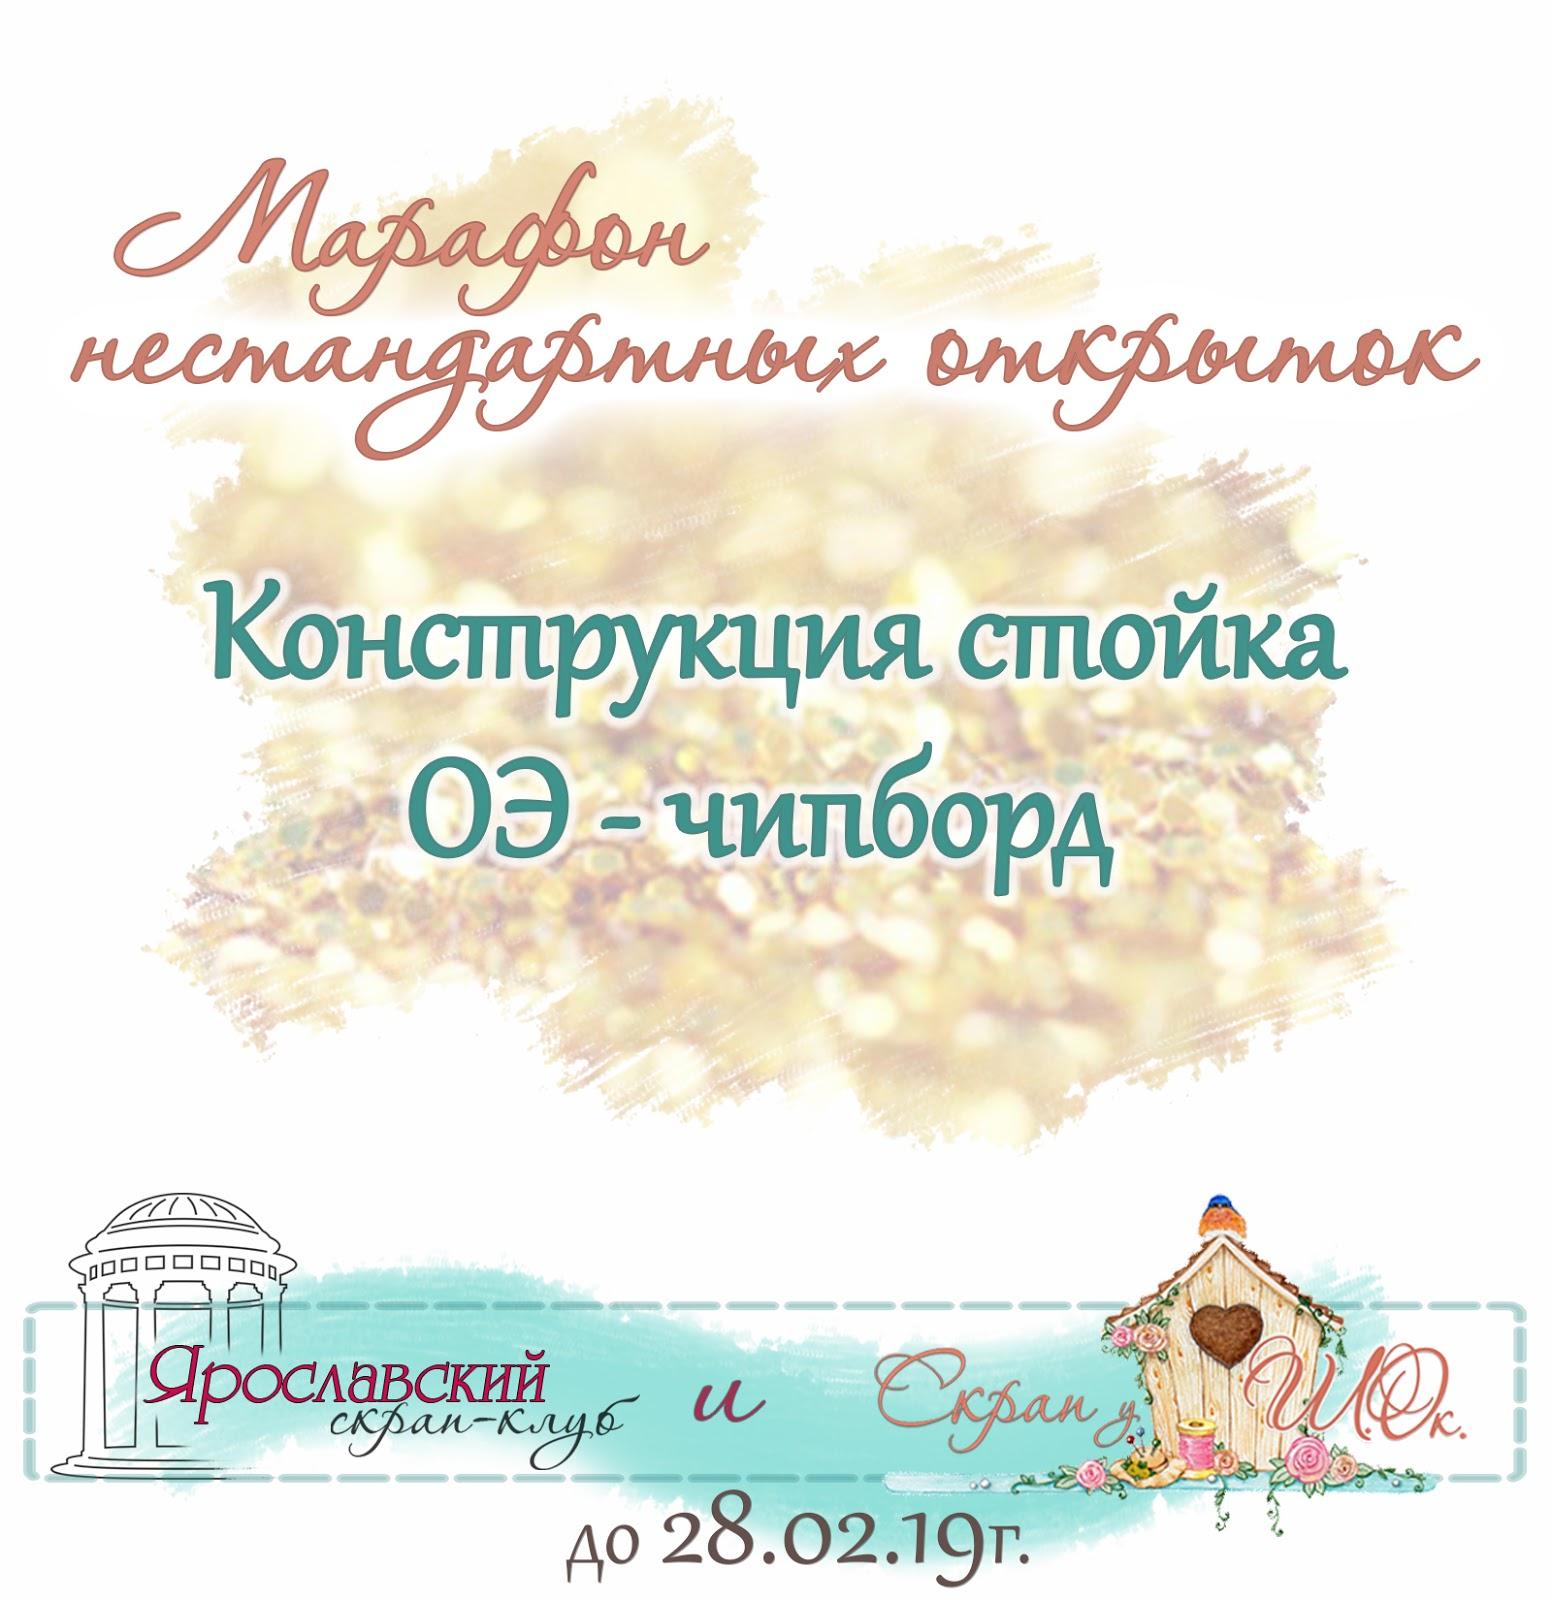 Марафон нестандартных открыток : конструкция - стойка до 28.02.2019